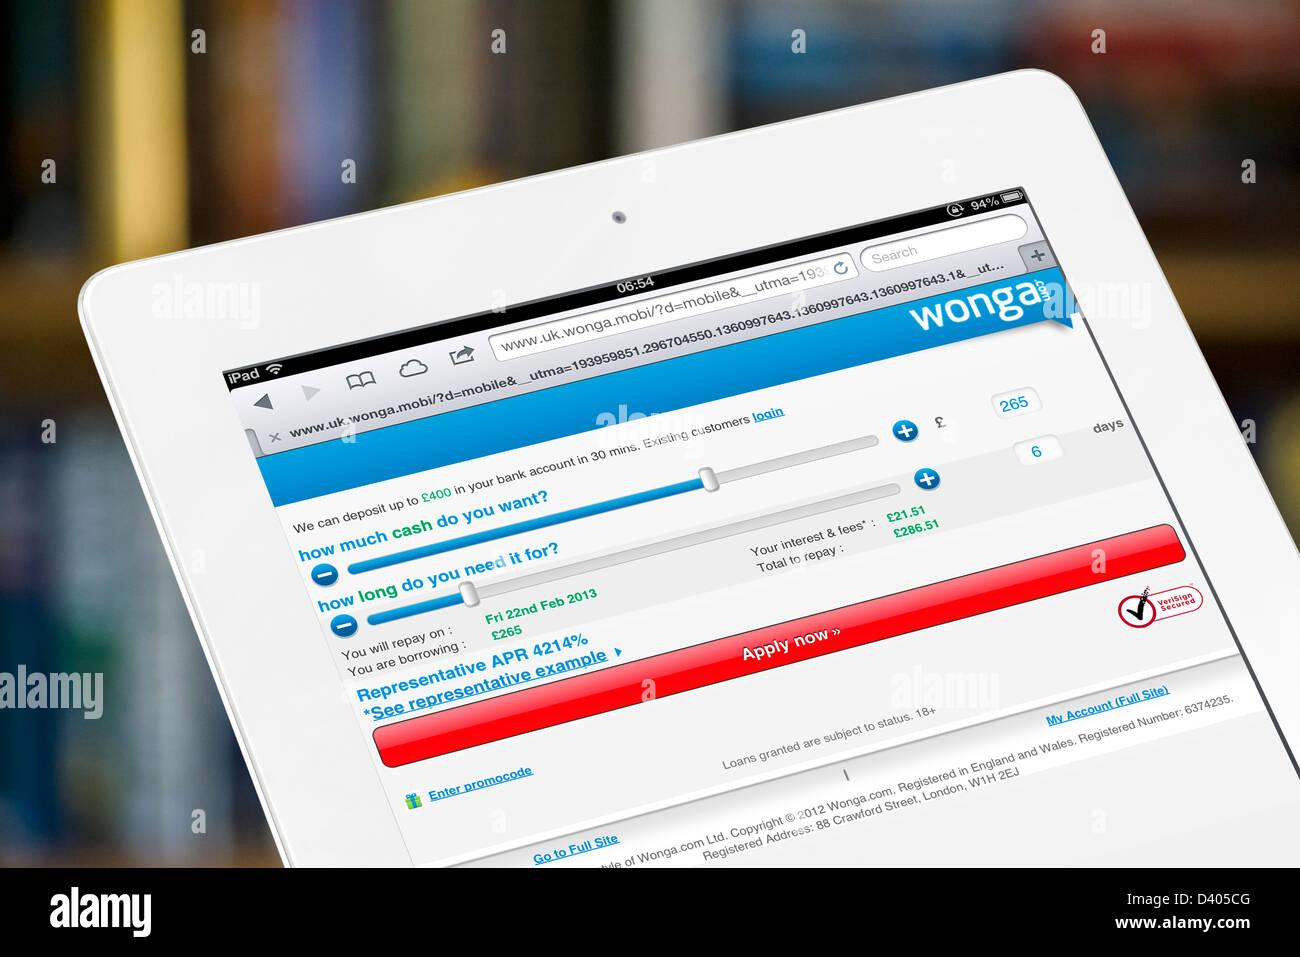 Solicitud de préstamo de la calculadora en el sitio de préstamo paday Wonga.com vistos en un iPad de 4ª Imagen De Stock